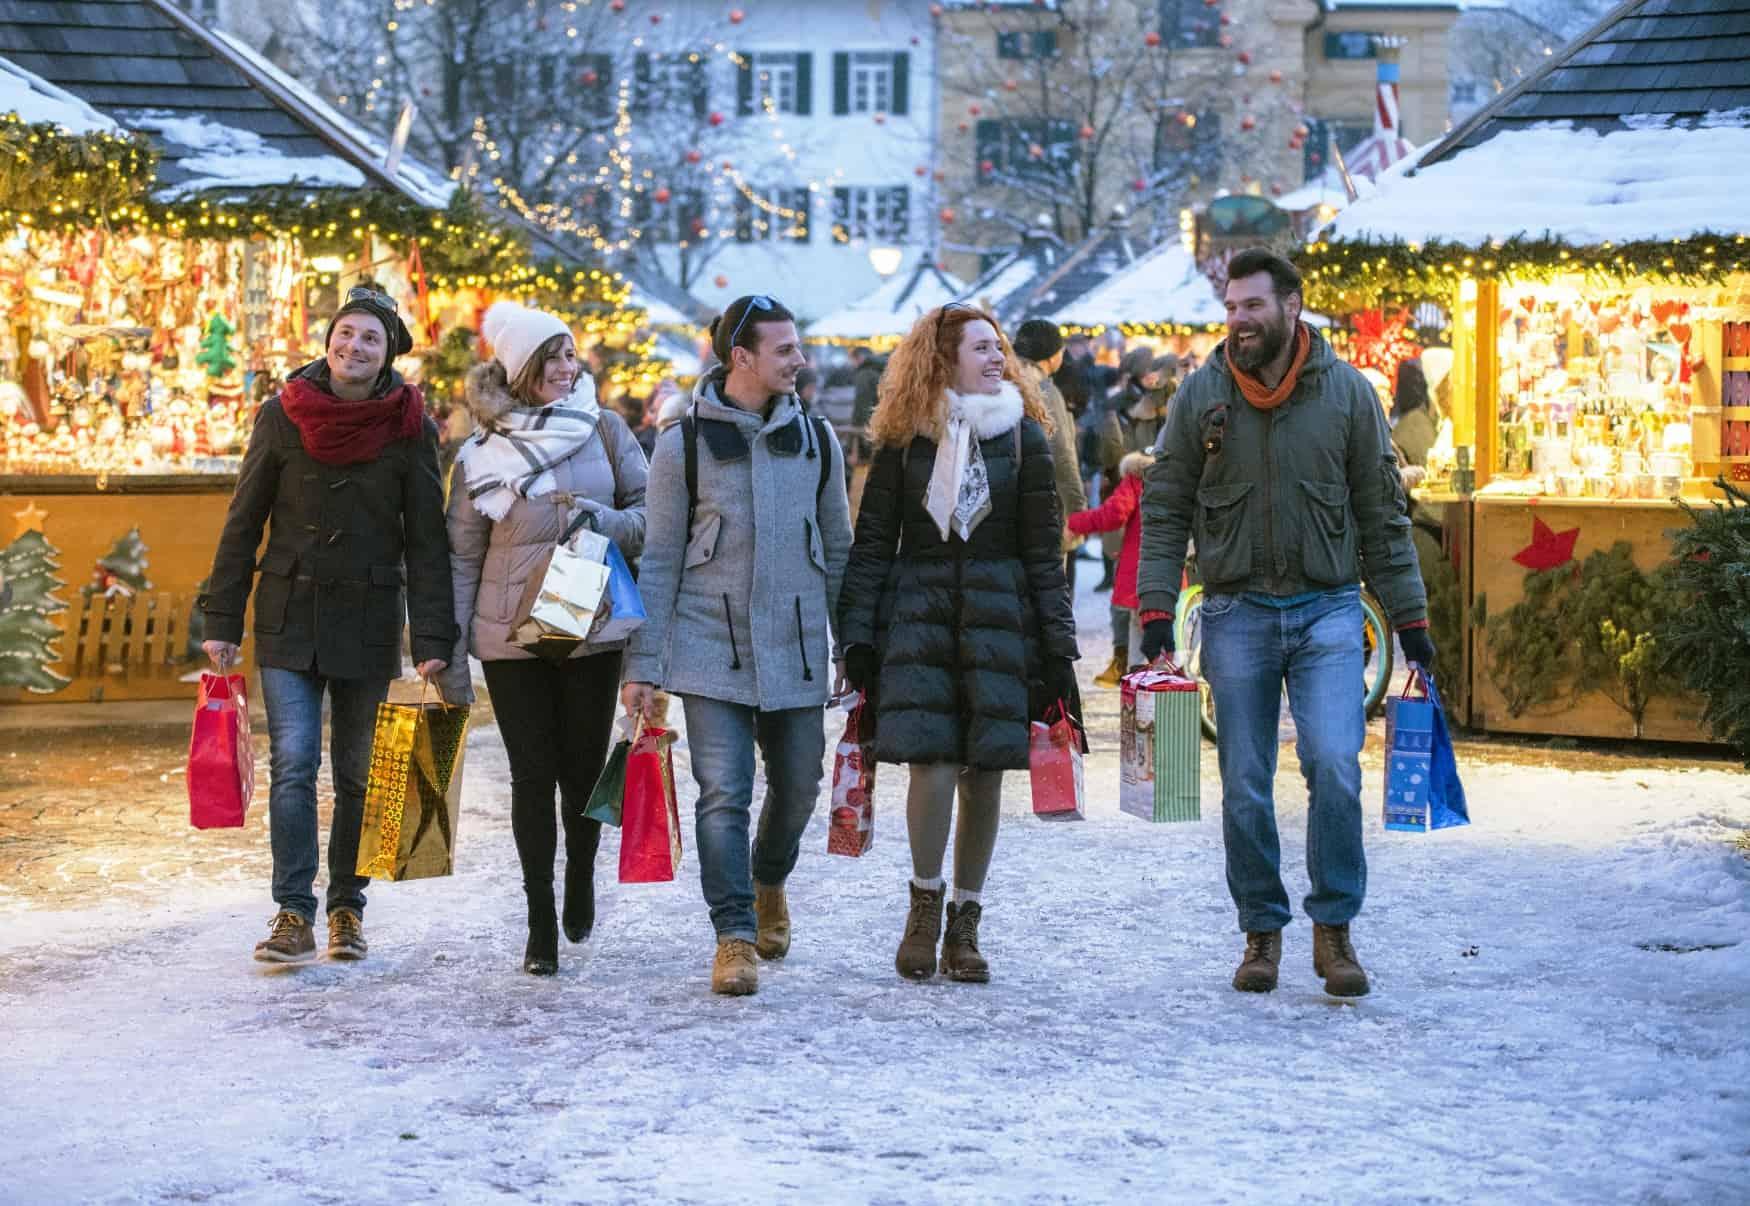 Junge Leute Weihnachtsmarkt Shopping